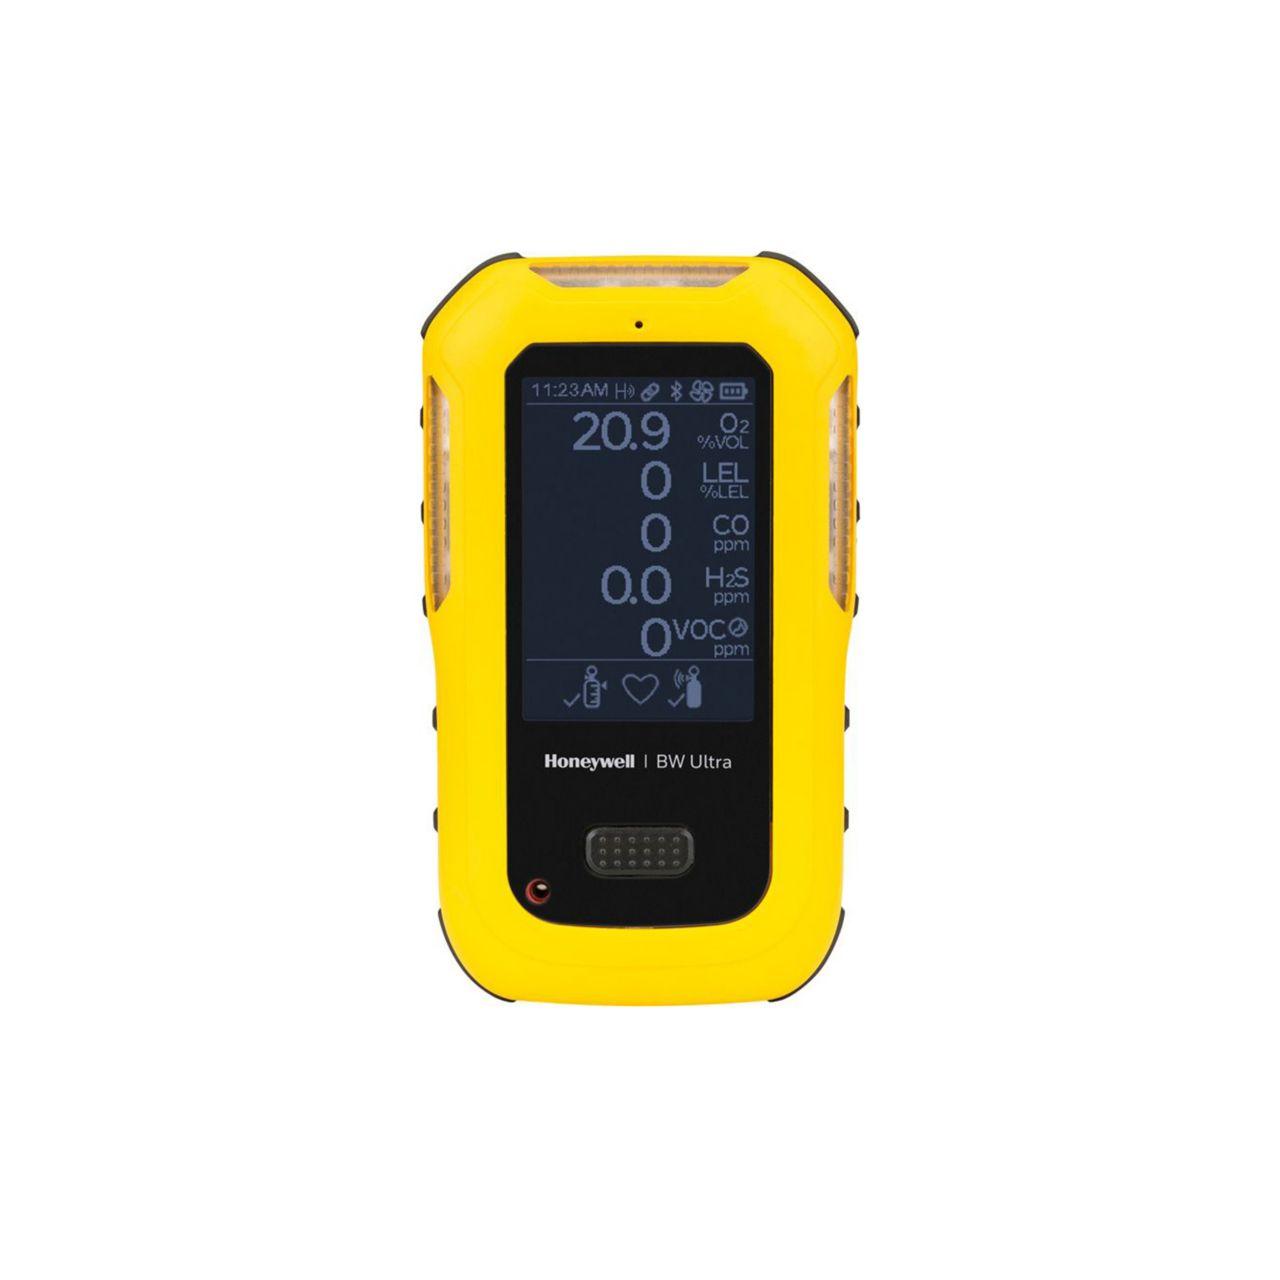 Multi Gas Monitor : BW Ultra